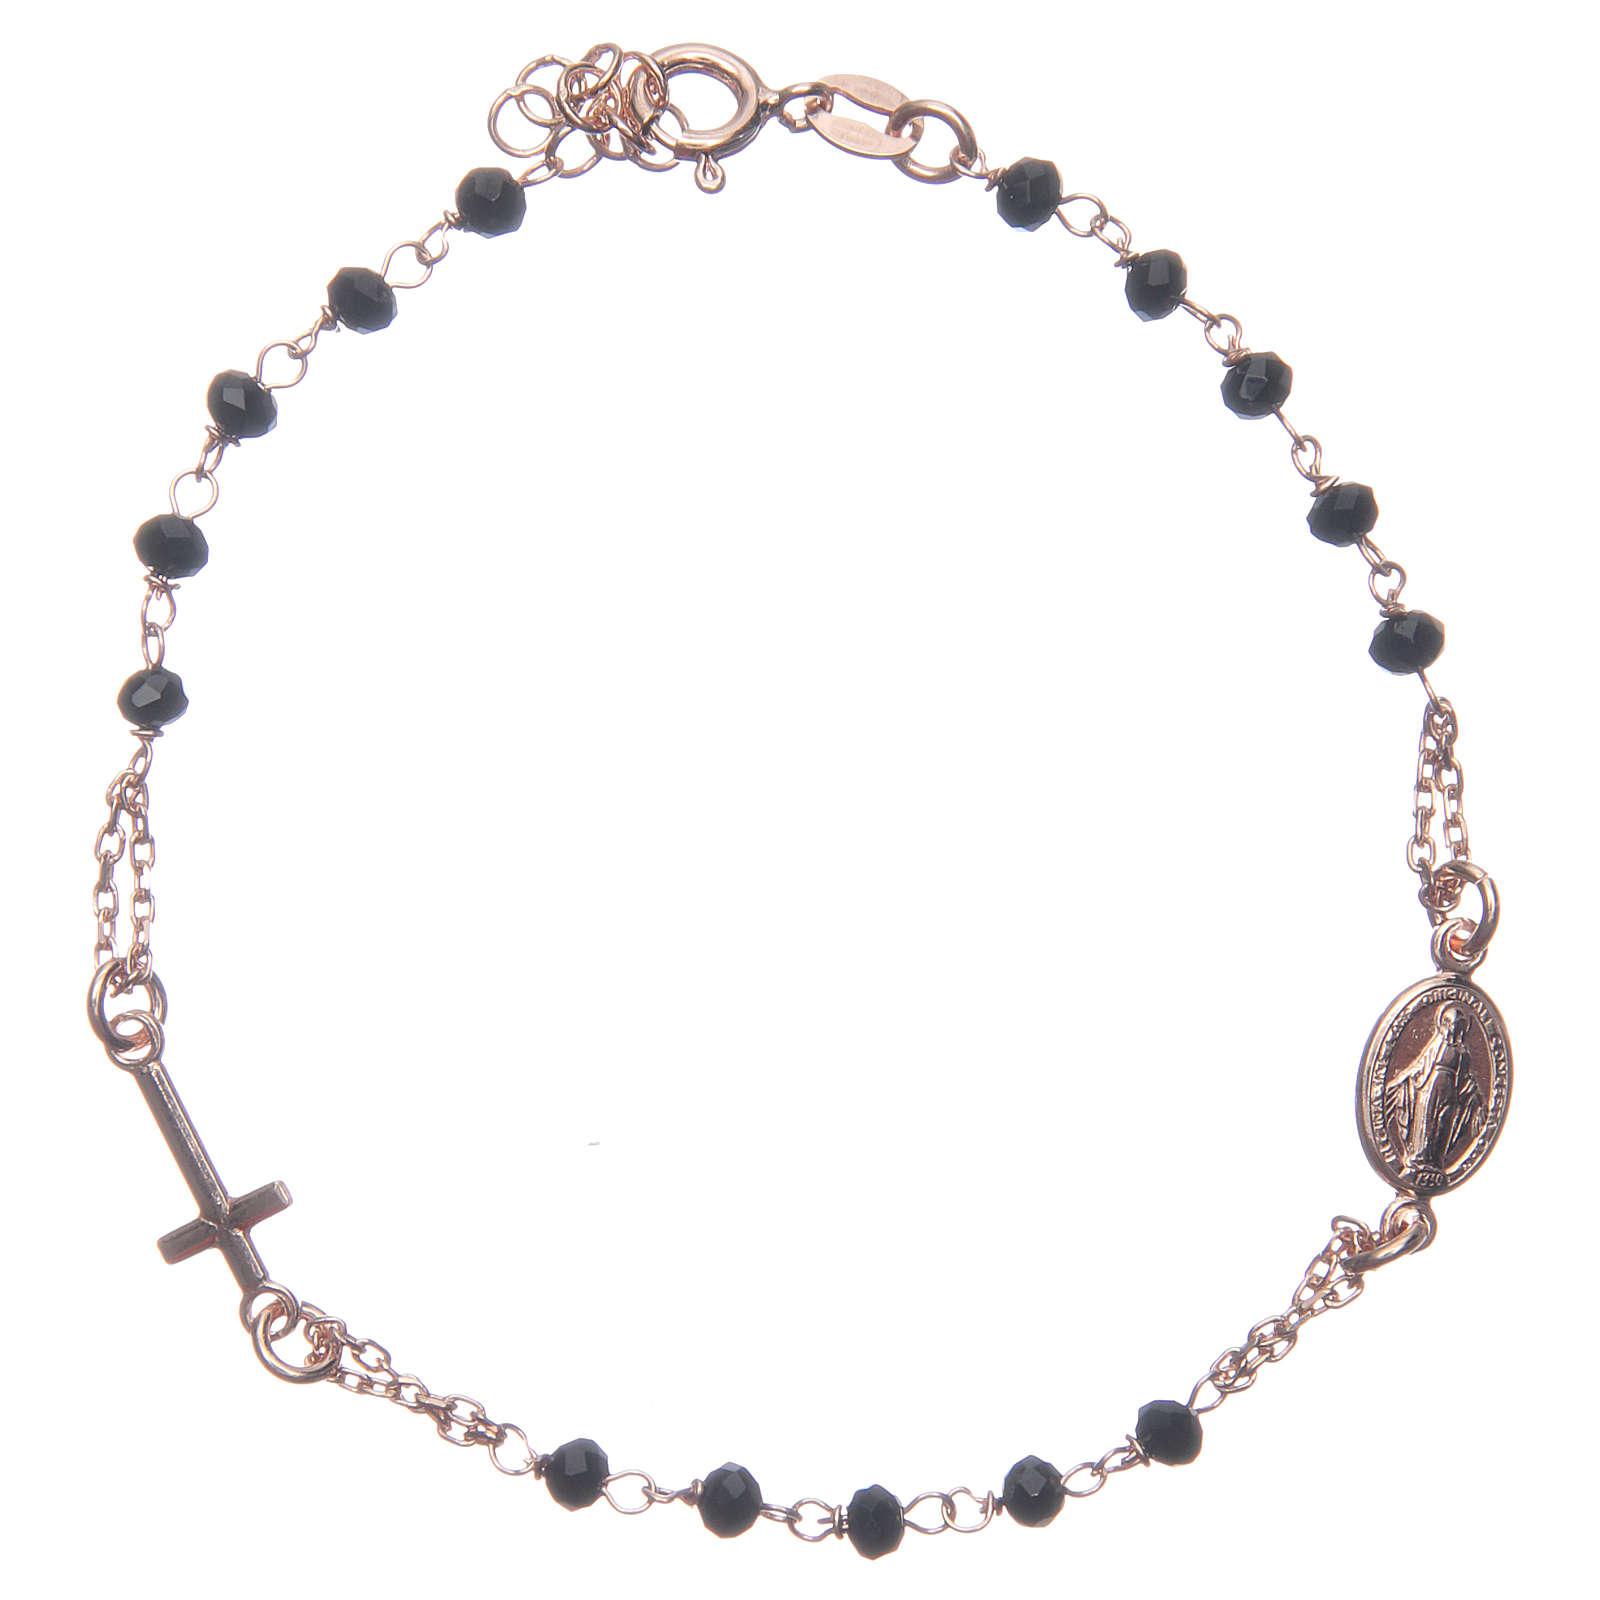 Bracciale rosario colore rosé e nero argento 925 4